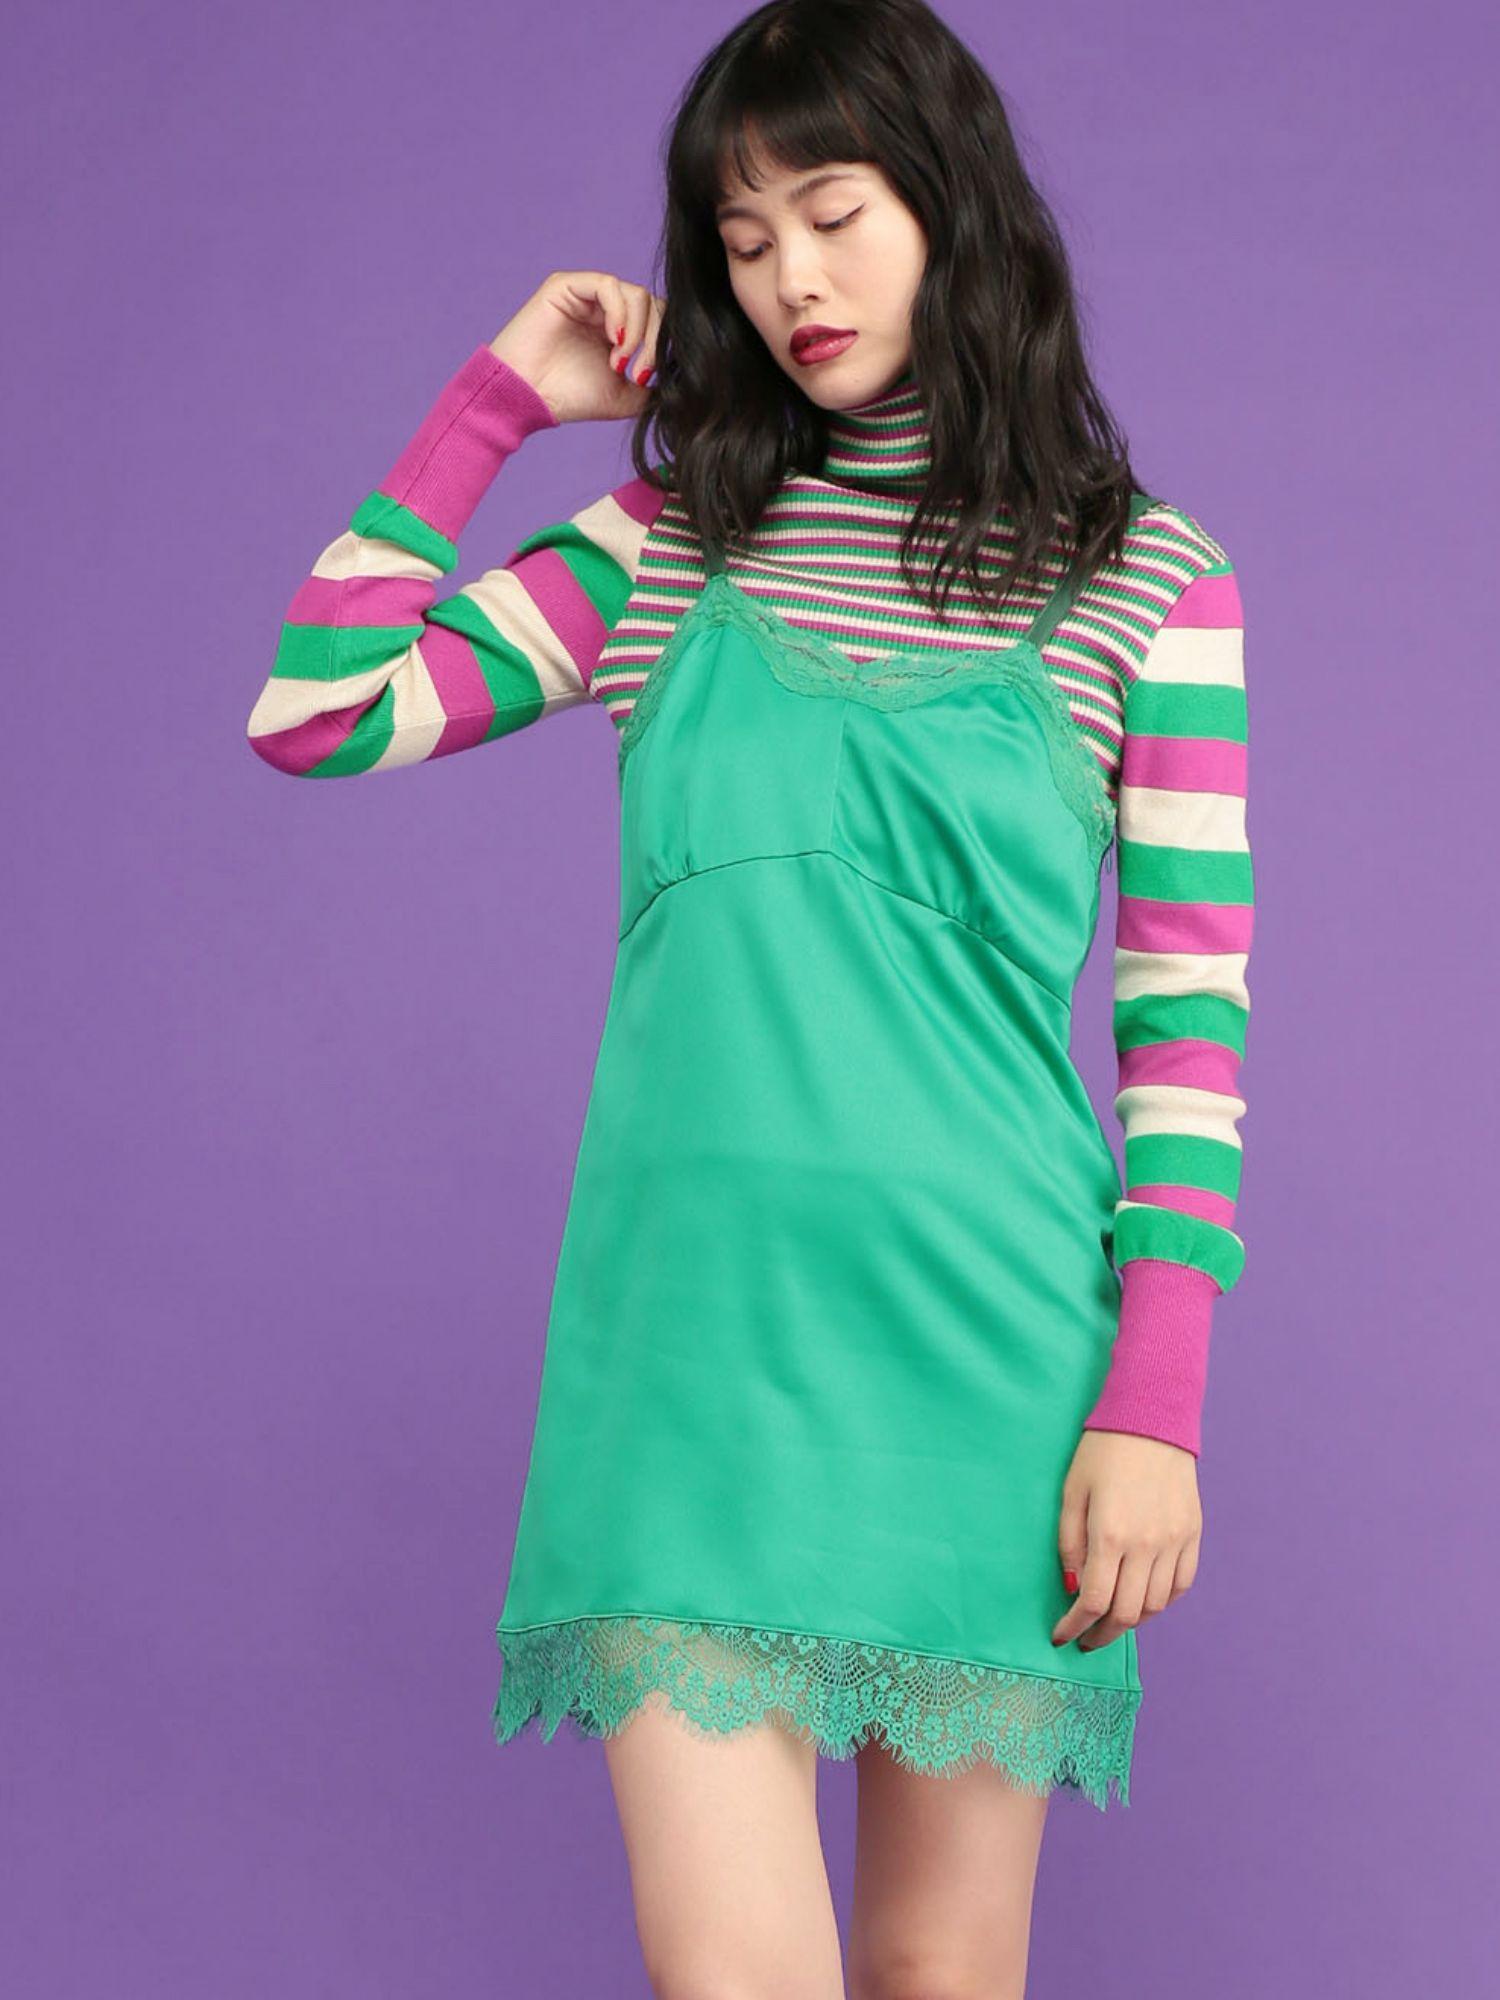 Lingerie mini dress